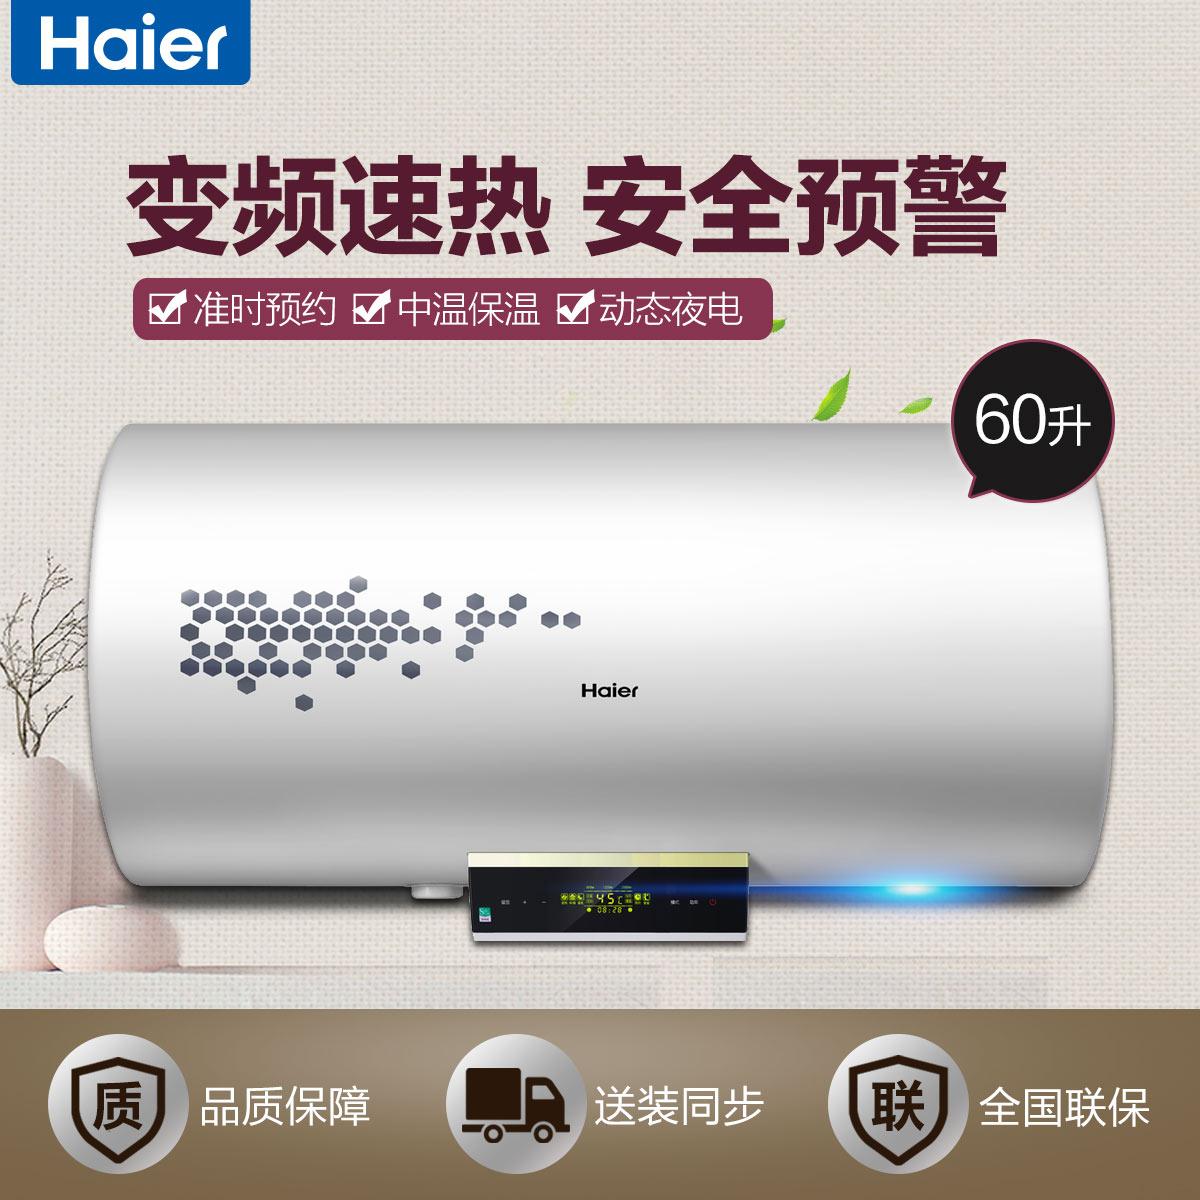 海尔60升智能洗浴电热水器,智能洗浴管家,根据洗浴习惯定制生活热水;准时预约,提前加热,随心洗浴;中温保温功能,水温保持在40℃,满足用水需求;动态夜电,峰谷用电更省钱;一级能效,待机1千小时,仅需一度电。 EC6002-R5